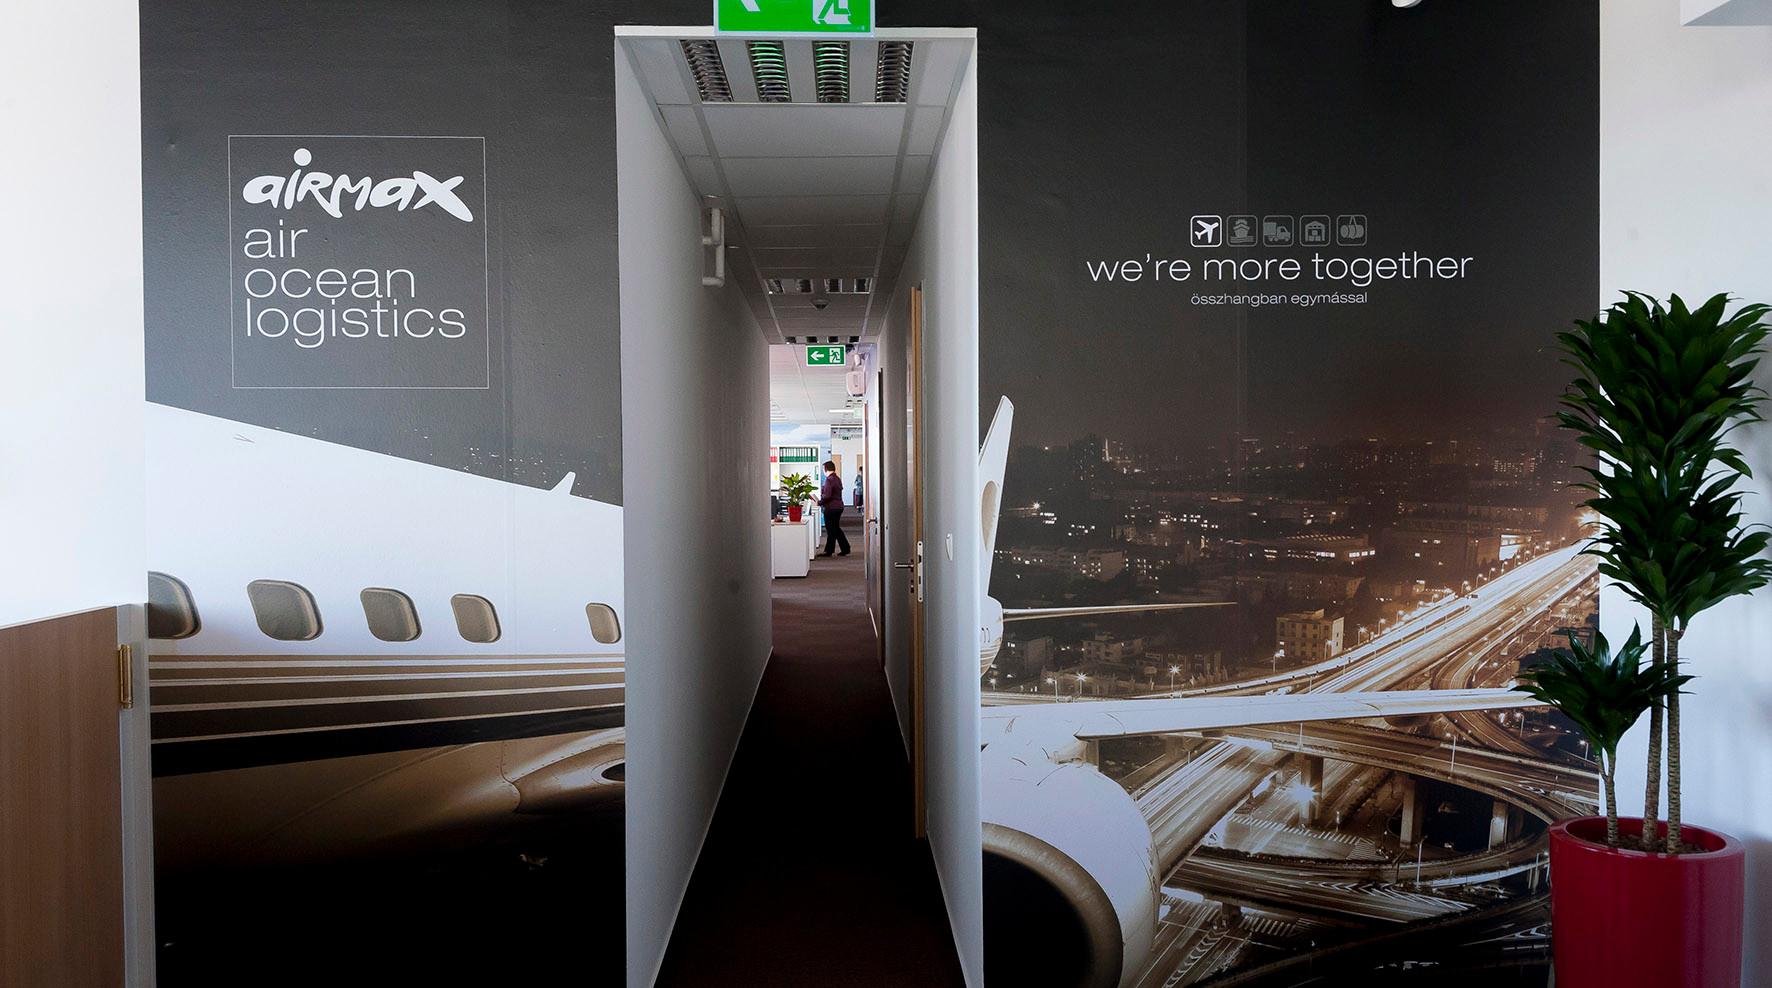 Airmax Cargo iroda design